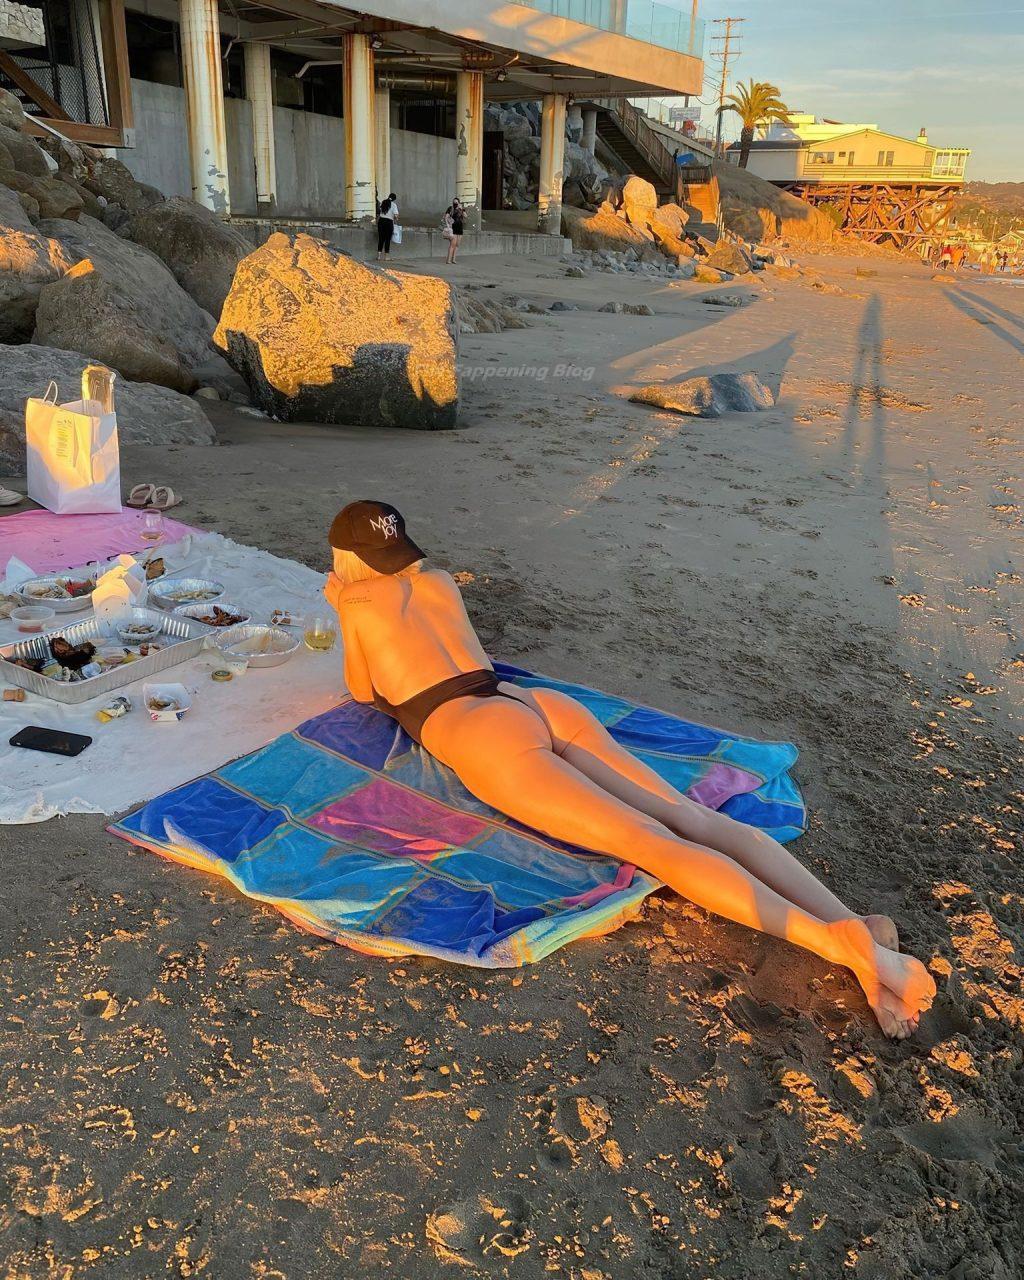 Busty Caroline Vreeland Enjoys a Day on the Beach (7 Photos)